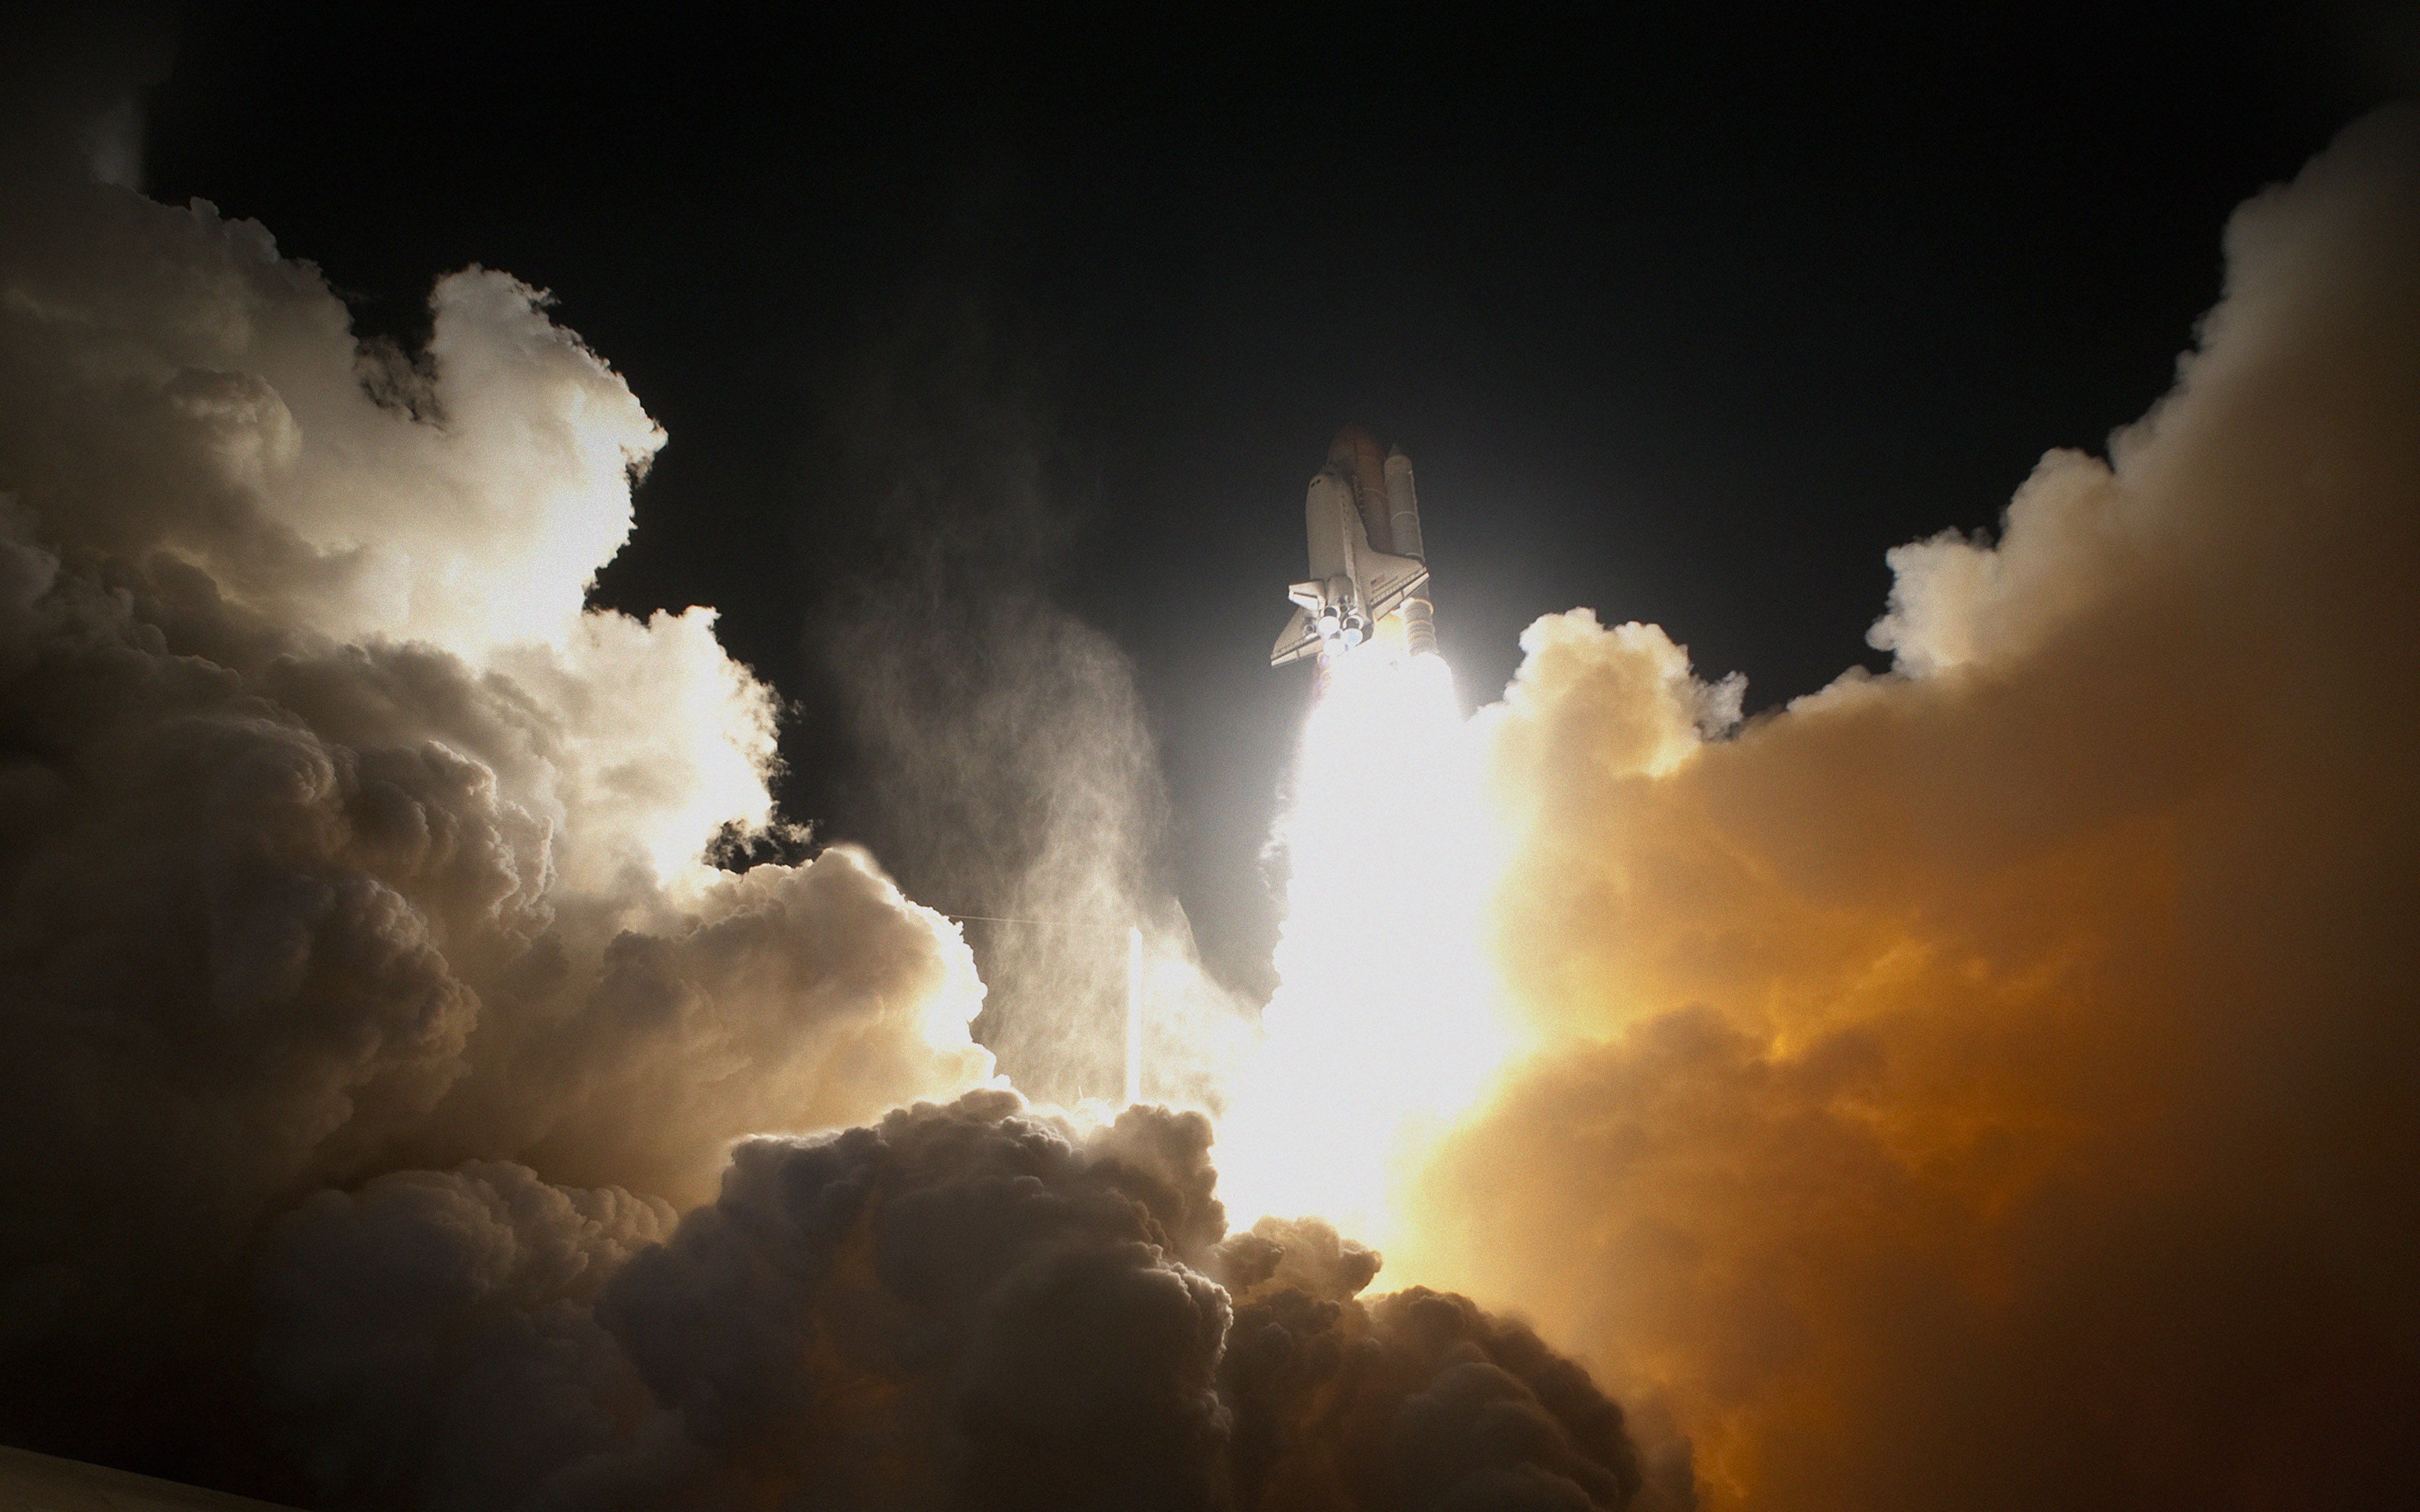 3840 x 2400 - 4k space shuttle ...